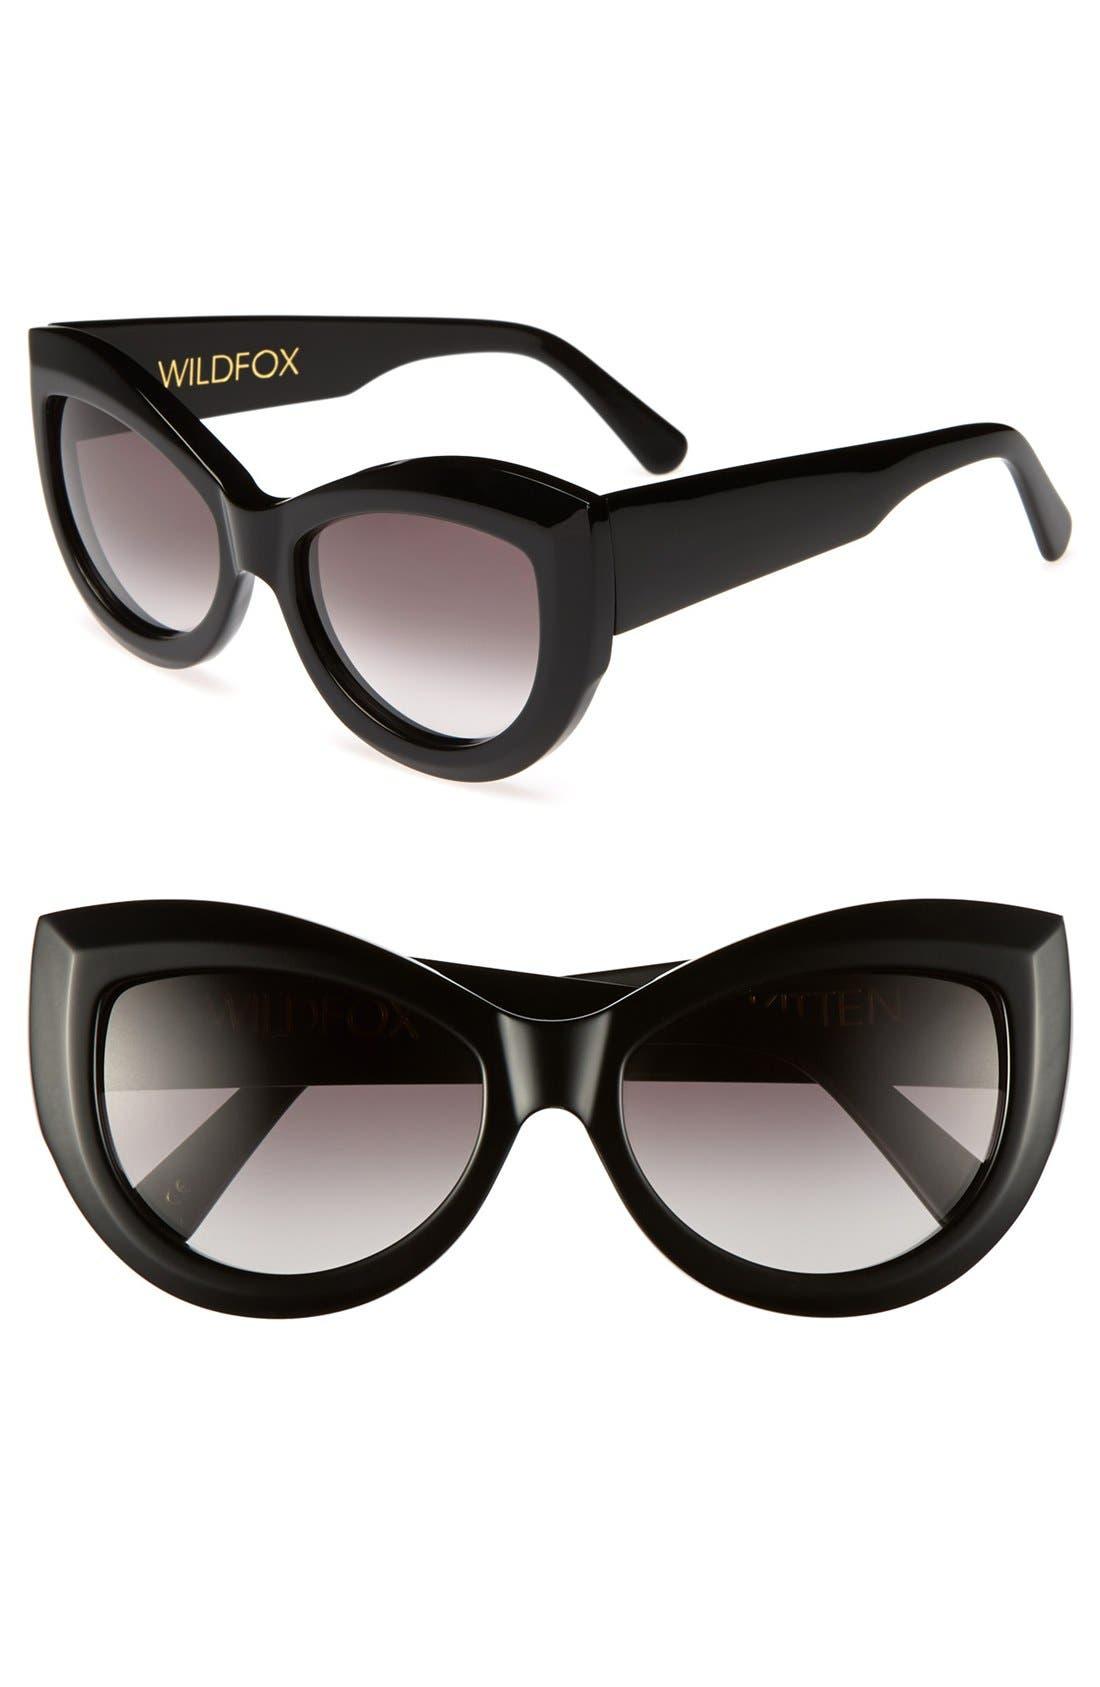 Main Image - Wildfox 'Kitten' 56mm Sunglasses